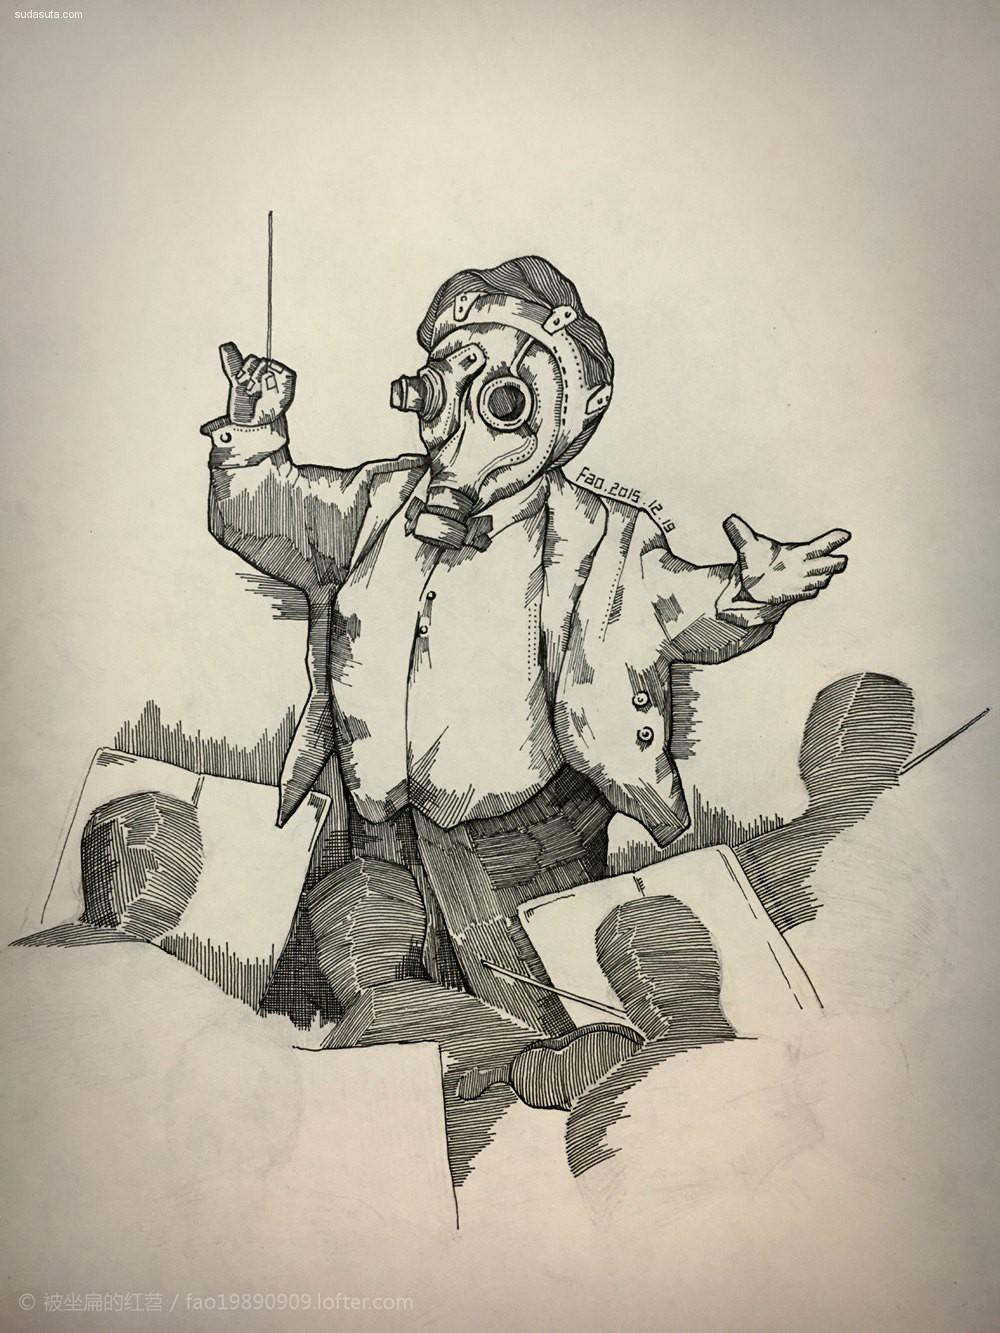 影楼道具_-Fao- 原创系列插画《Radiation》 - 苏打苏塔设计量贩铺 – sudasuta.com ...